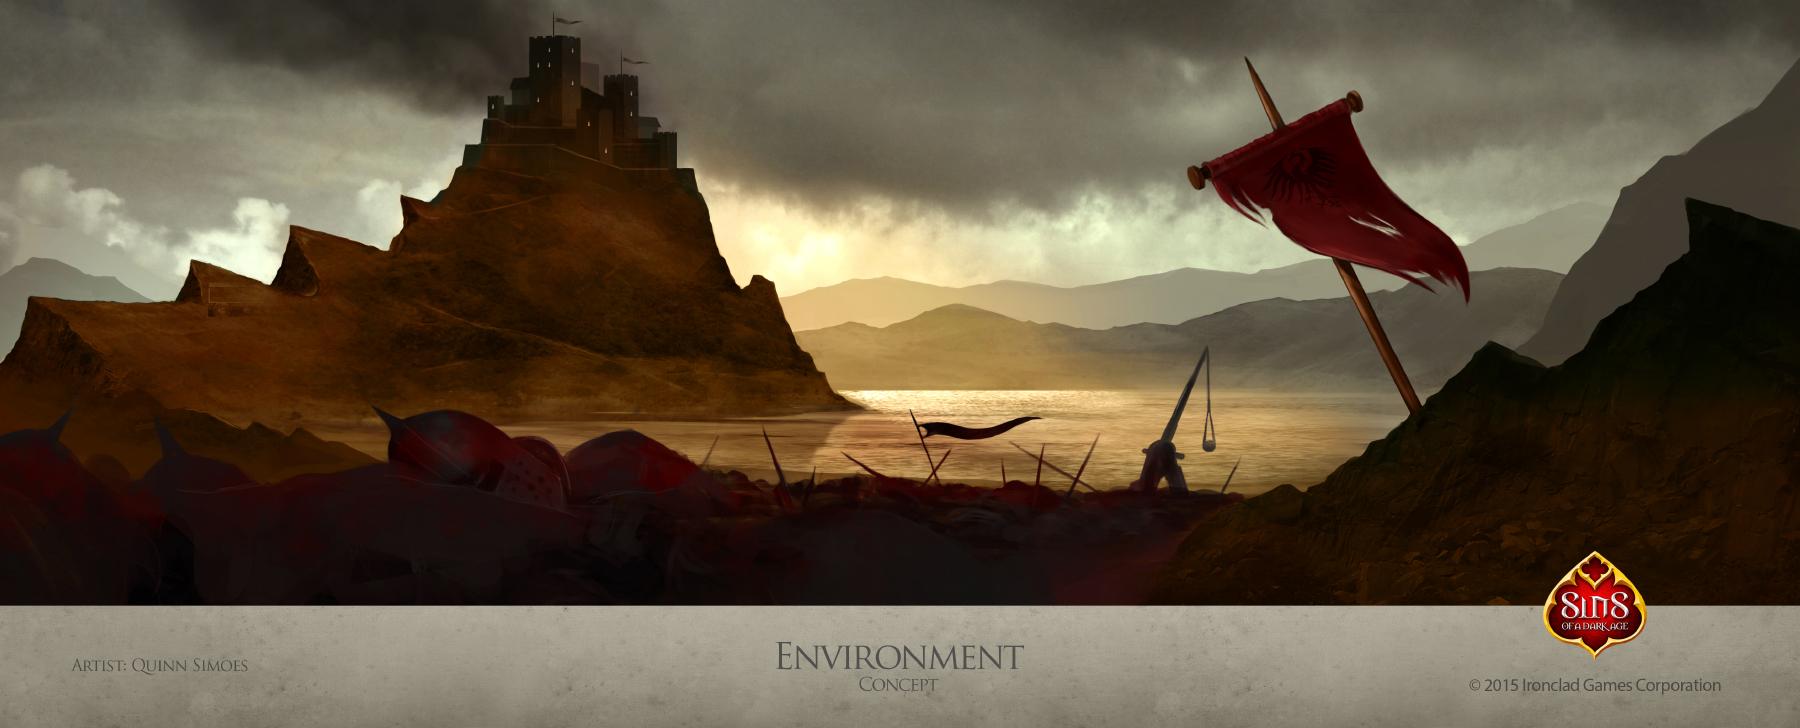 Environment-01.jpg